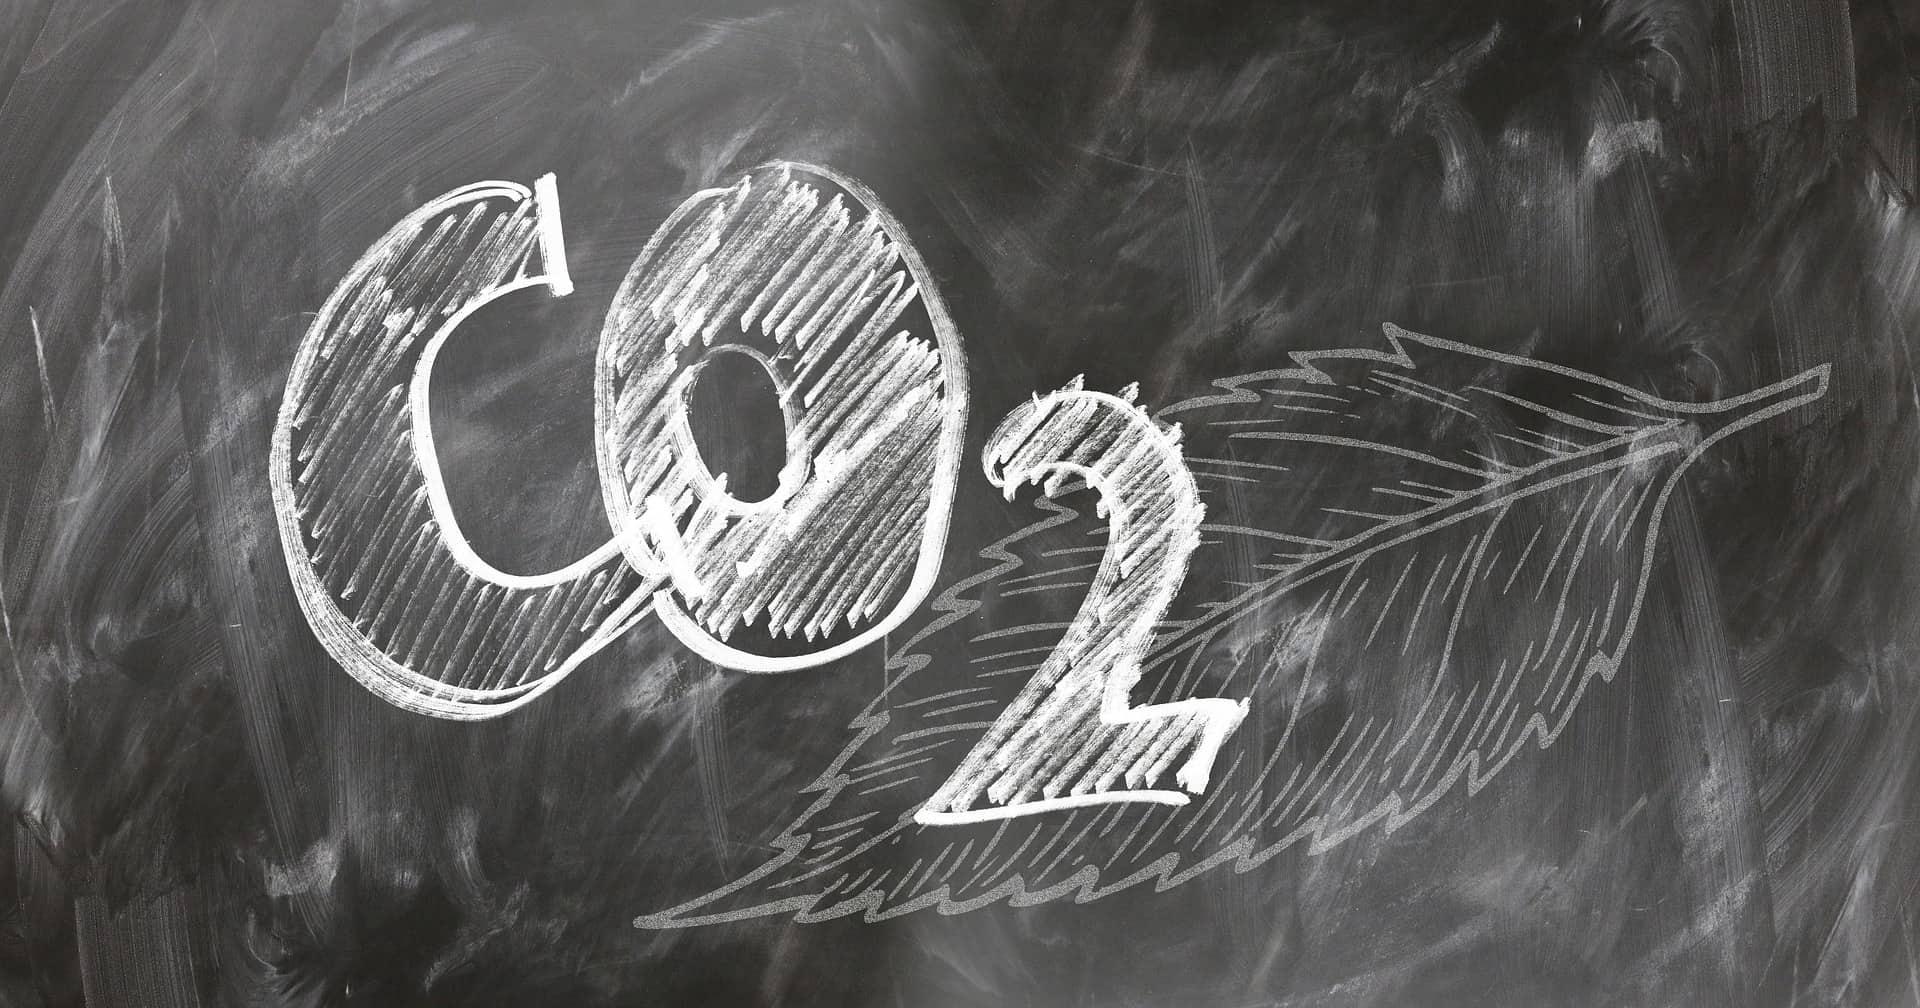 co2 czyli dwutlenek węgla i jego zastosowanie w kosmetyceco2 czyli dwutlenek węgla i jego zastosowanie w kosmetyce